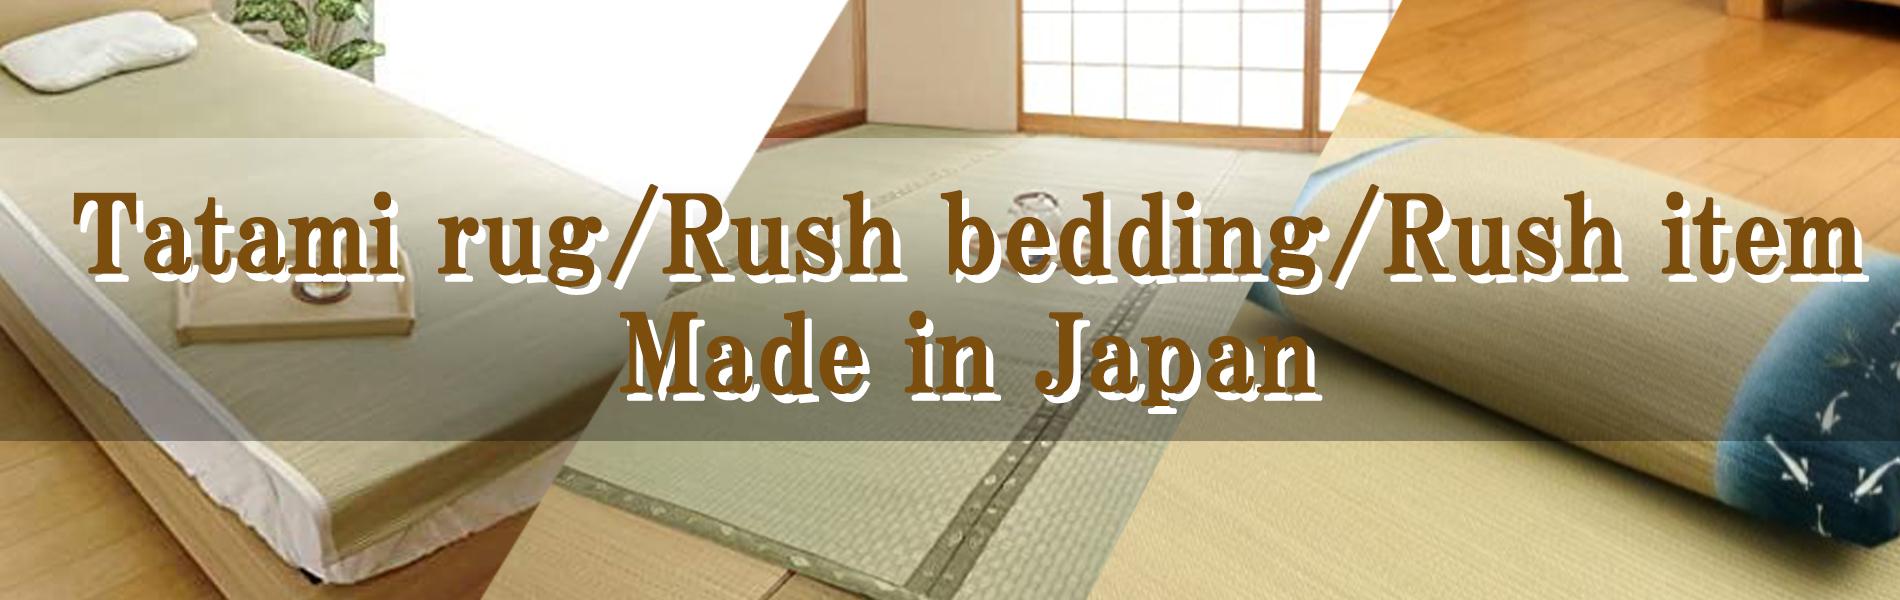 Tatami rug / Rush bedding / Rush item made in Japan